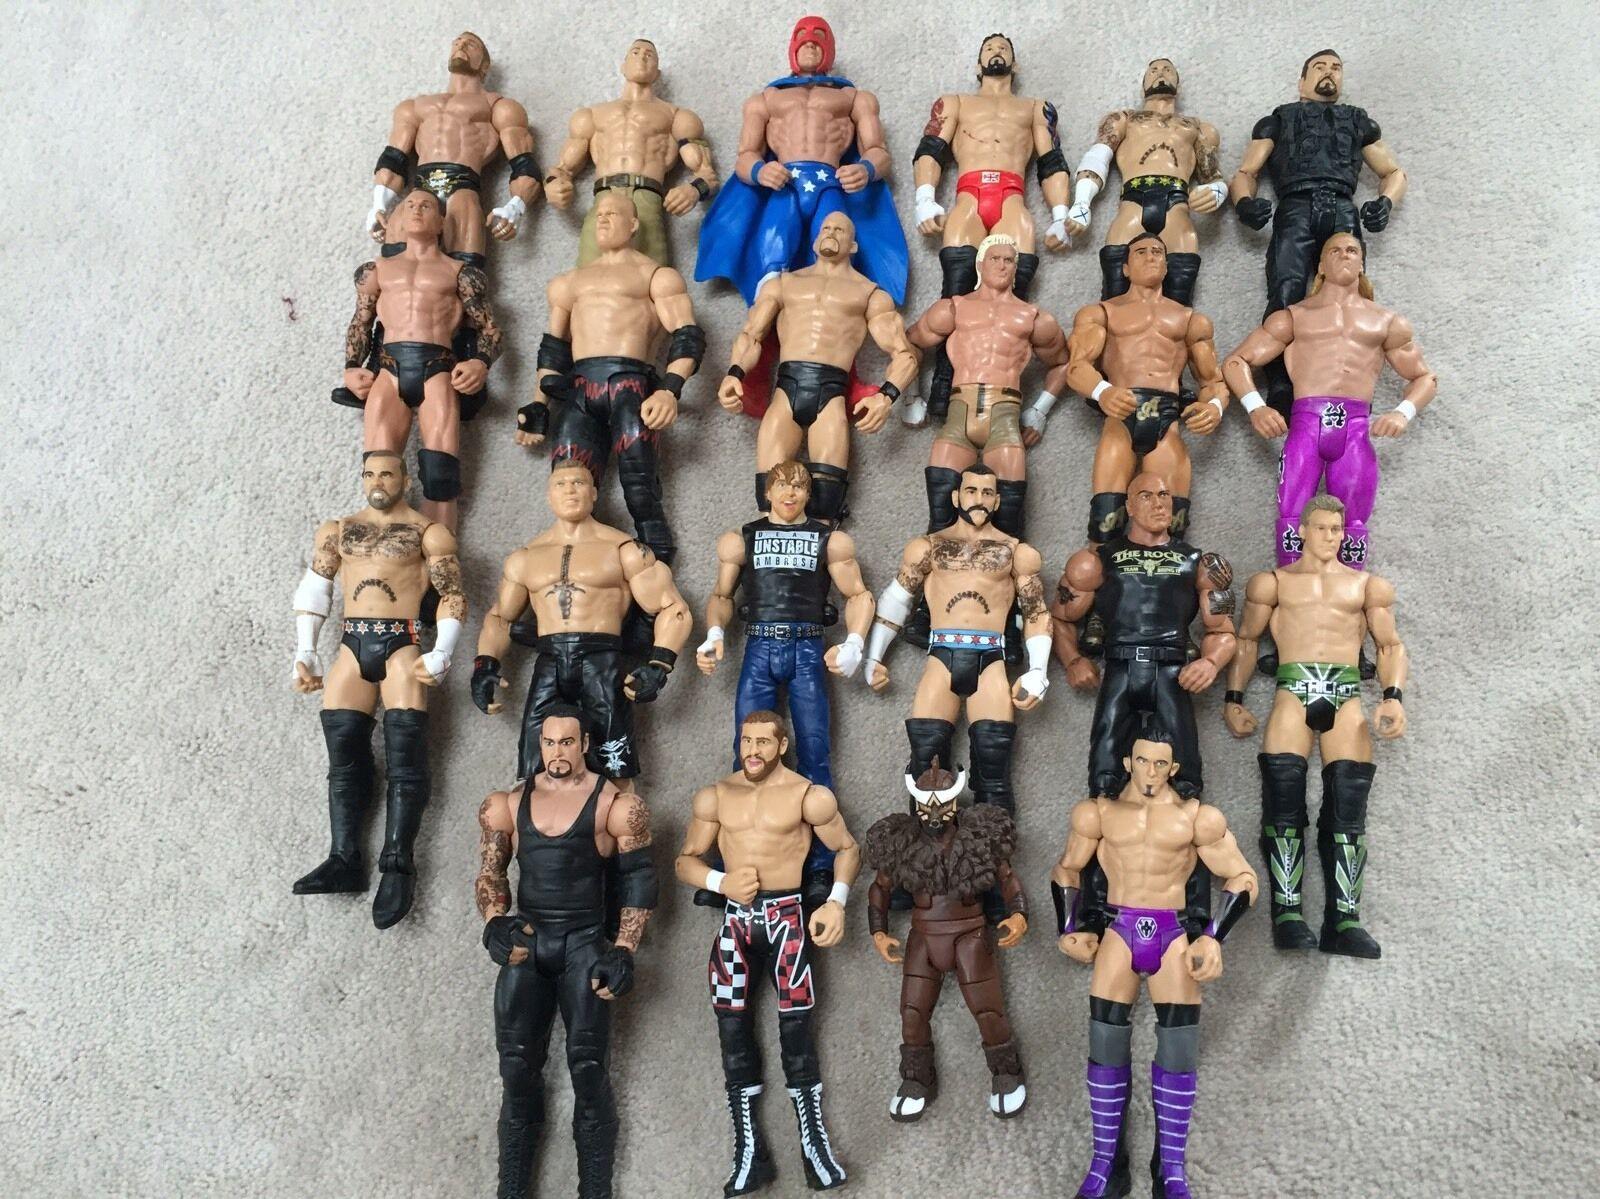 ventas en linea WWE Mattel Lote 7 7 7 de 22 figuras de lucha, Elite, Flashback, básico, WCW, ECW  promociones de equipo